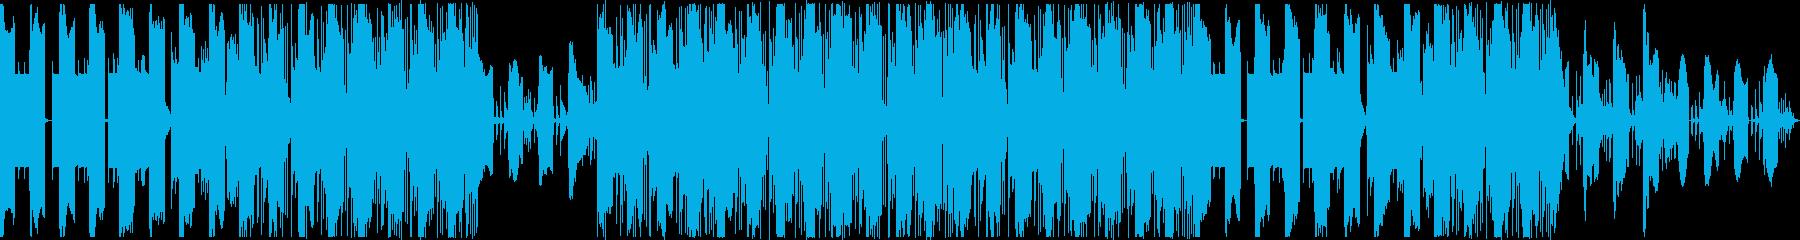 神秘的 リラックス チルトラップの再生済みの波形